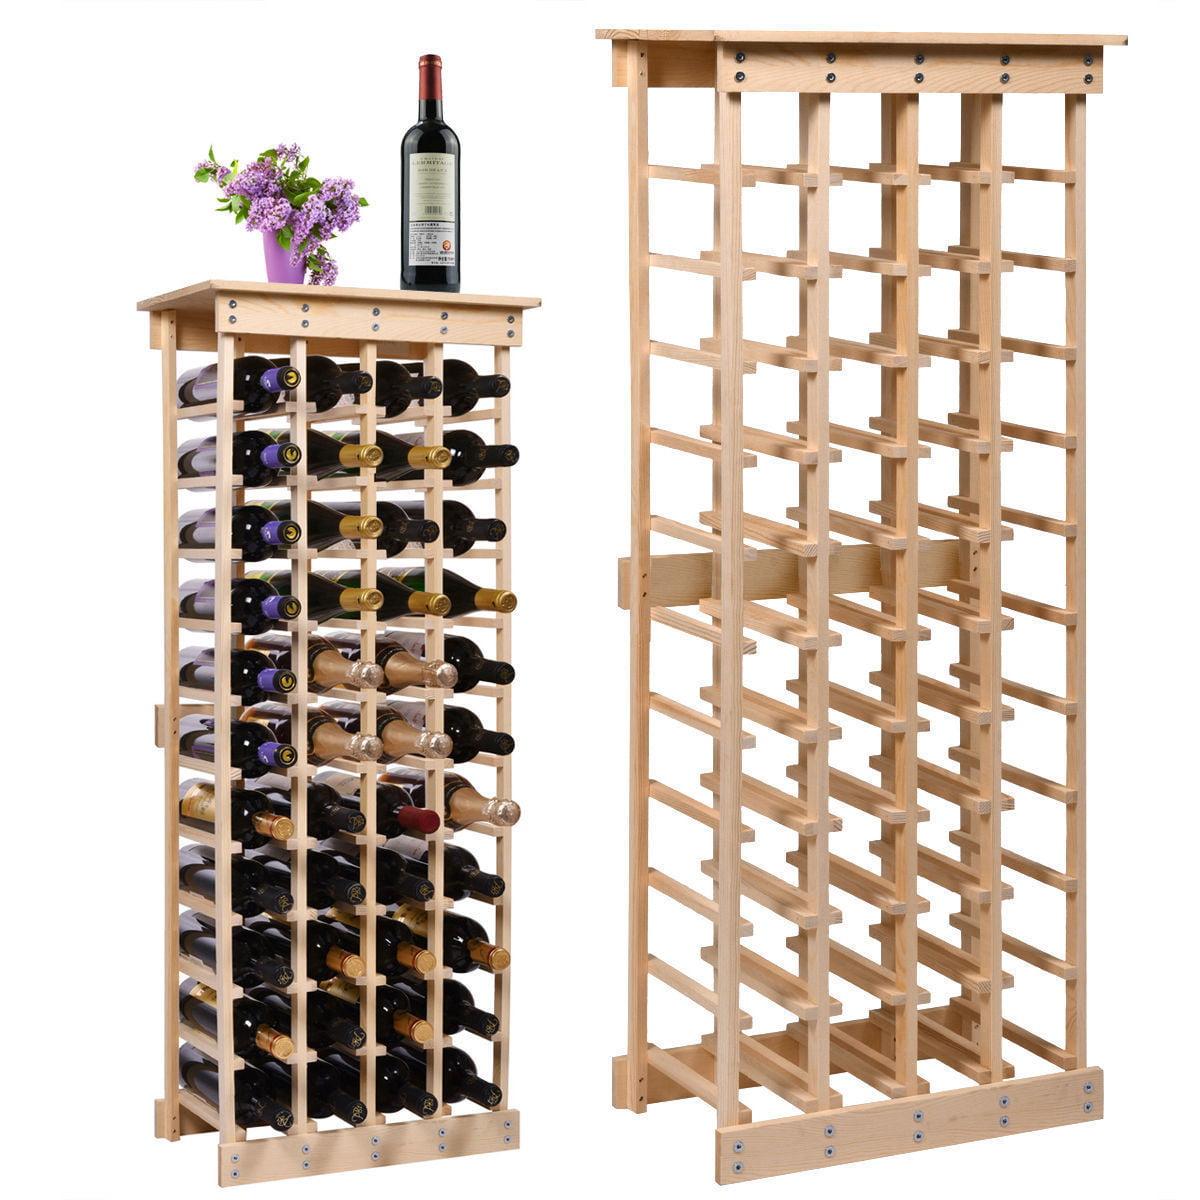 44 Bottle Wood Wine Rack Storage Display Shelves Kitchen Decor Natural